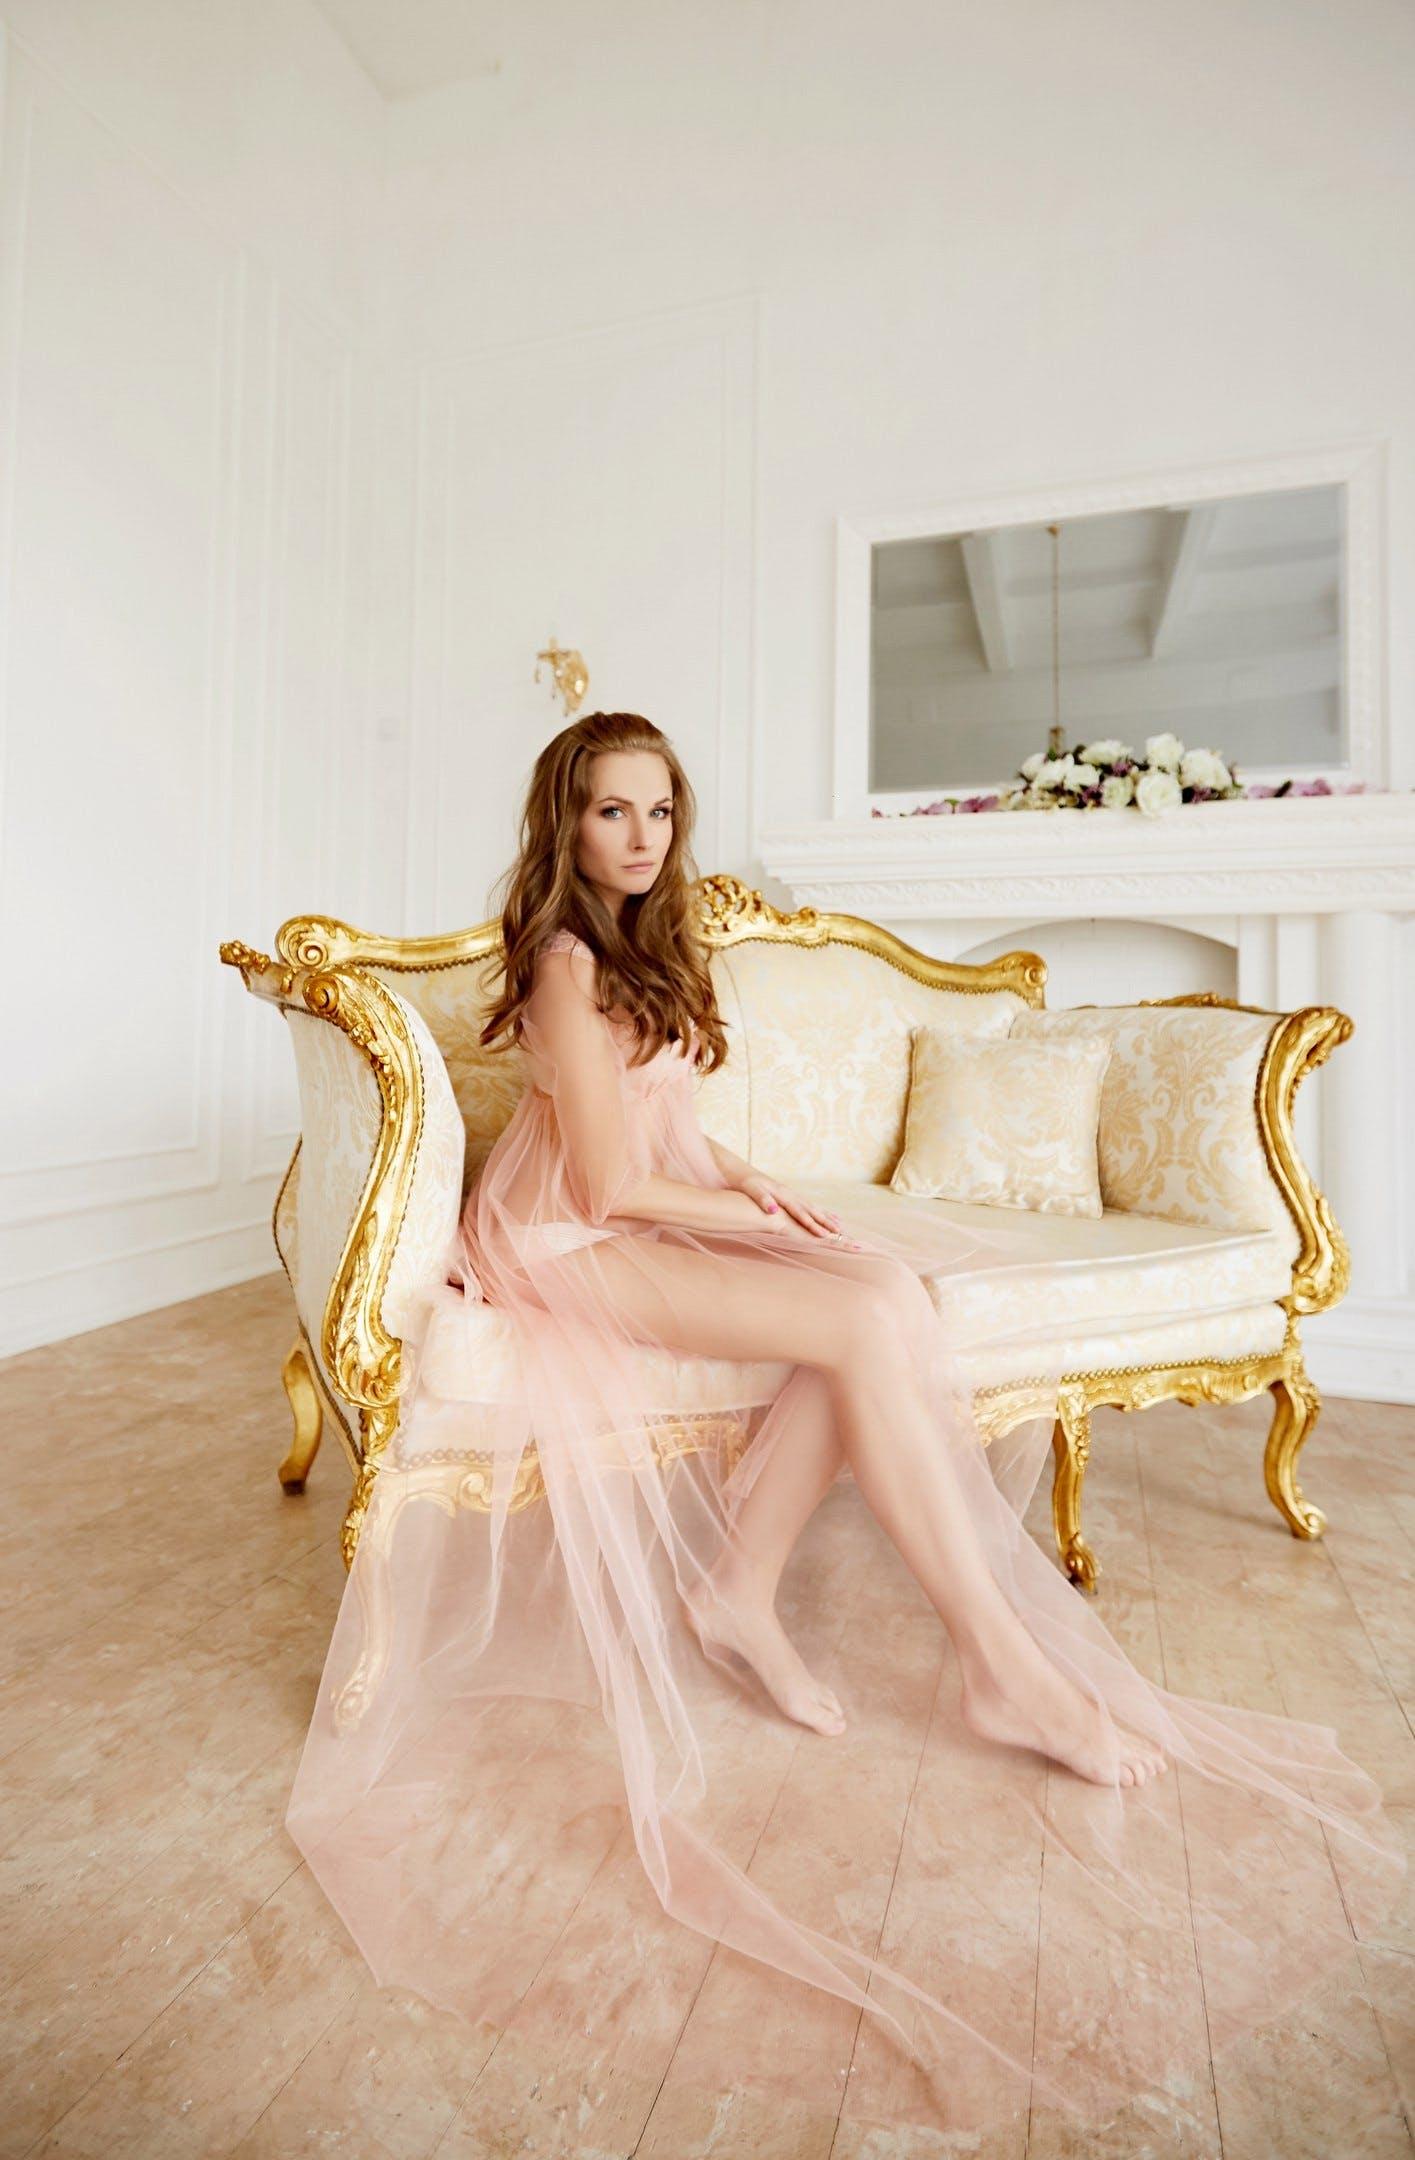 Woman Wearing Lace Dress Sitting on Sofa